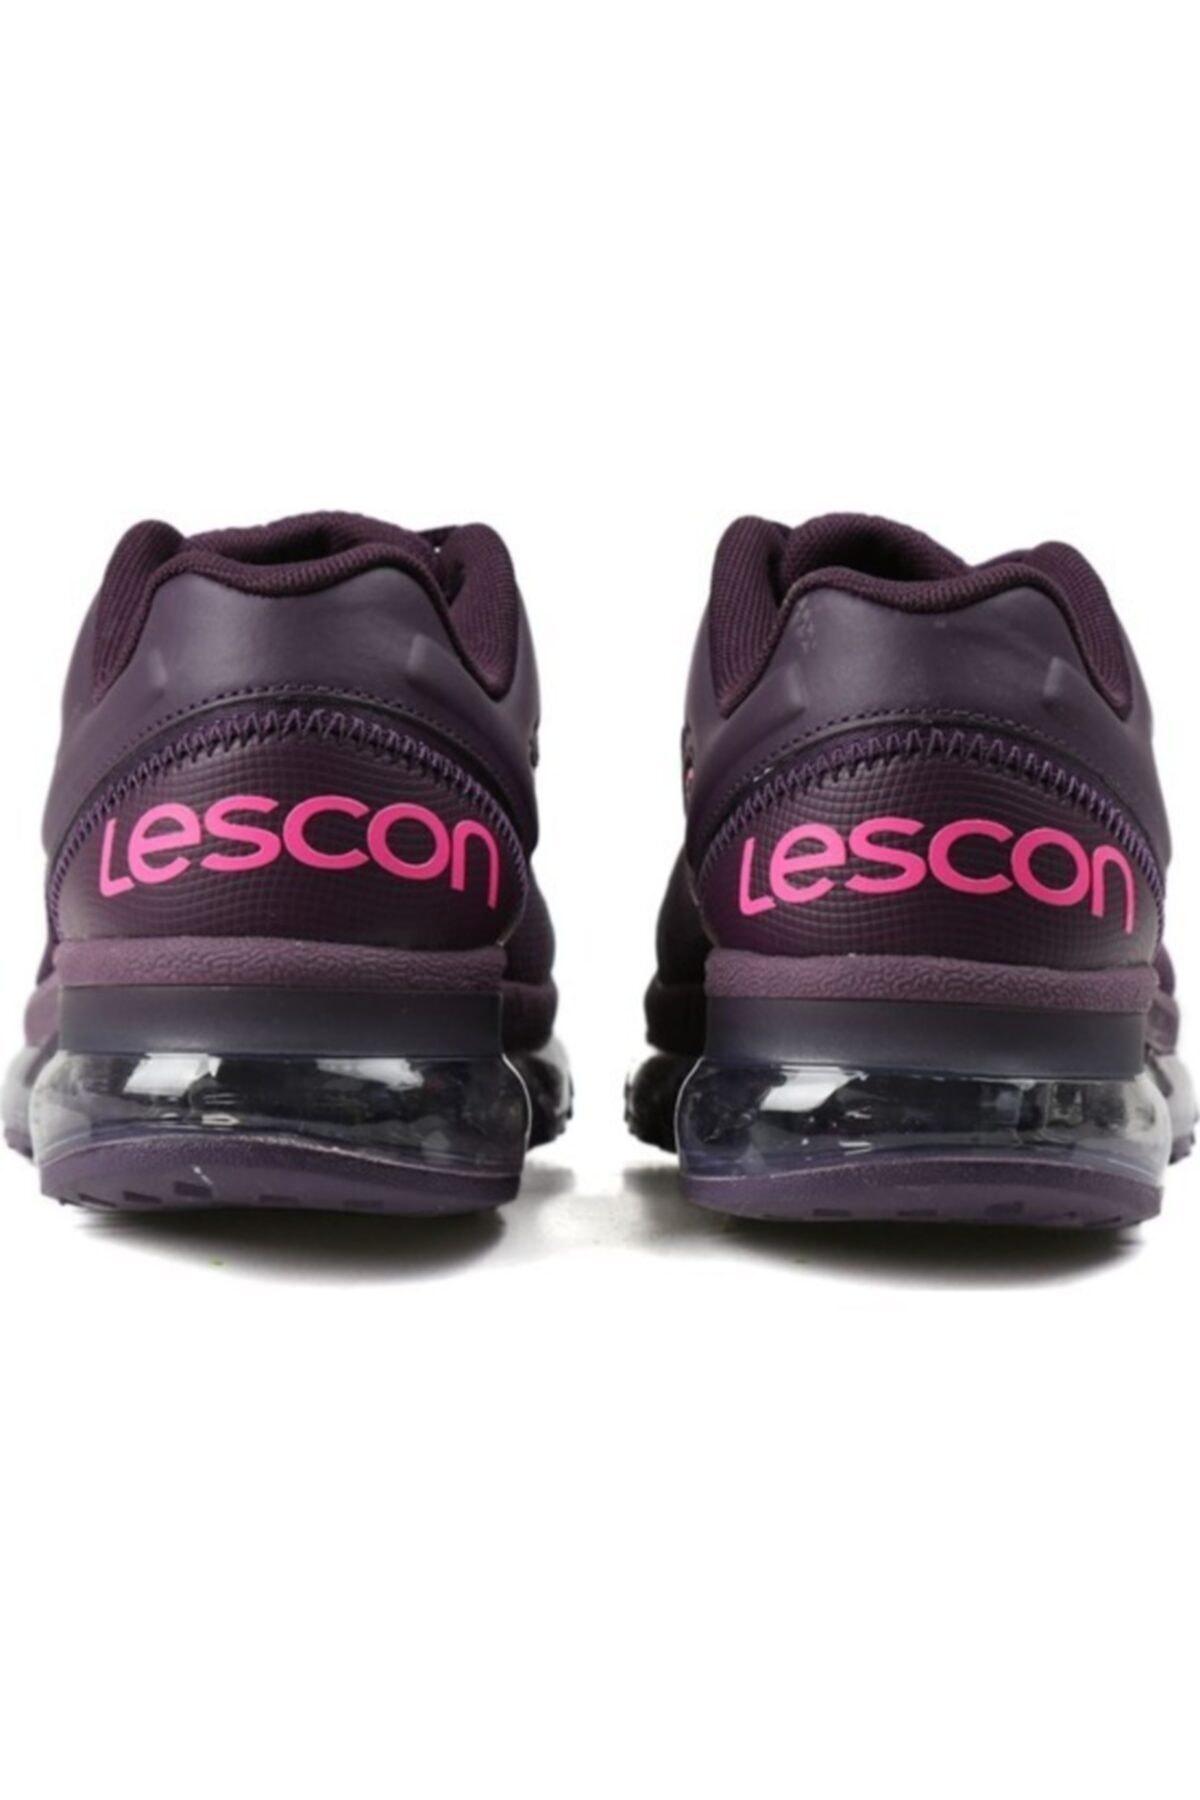 Lescon Kadın Mürdüm Airtube Spor Ayakkabı L-4603 2